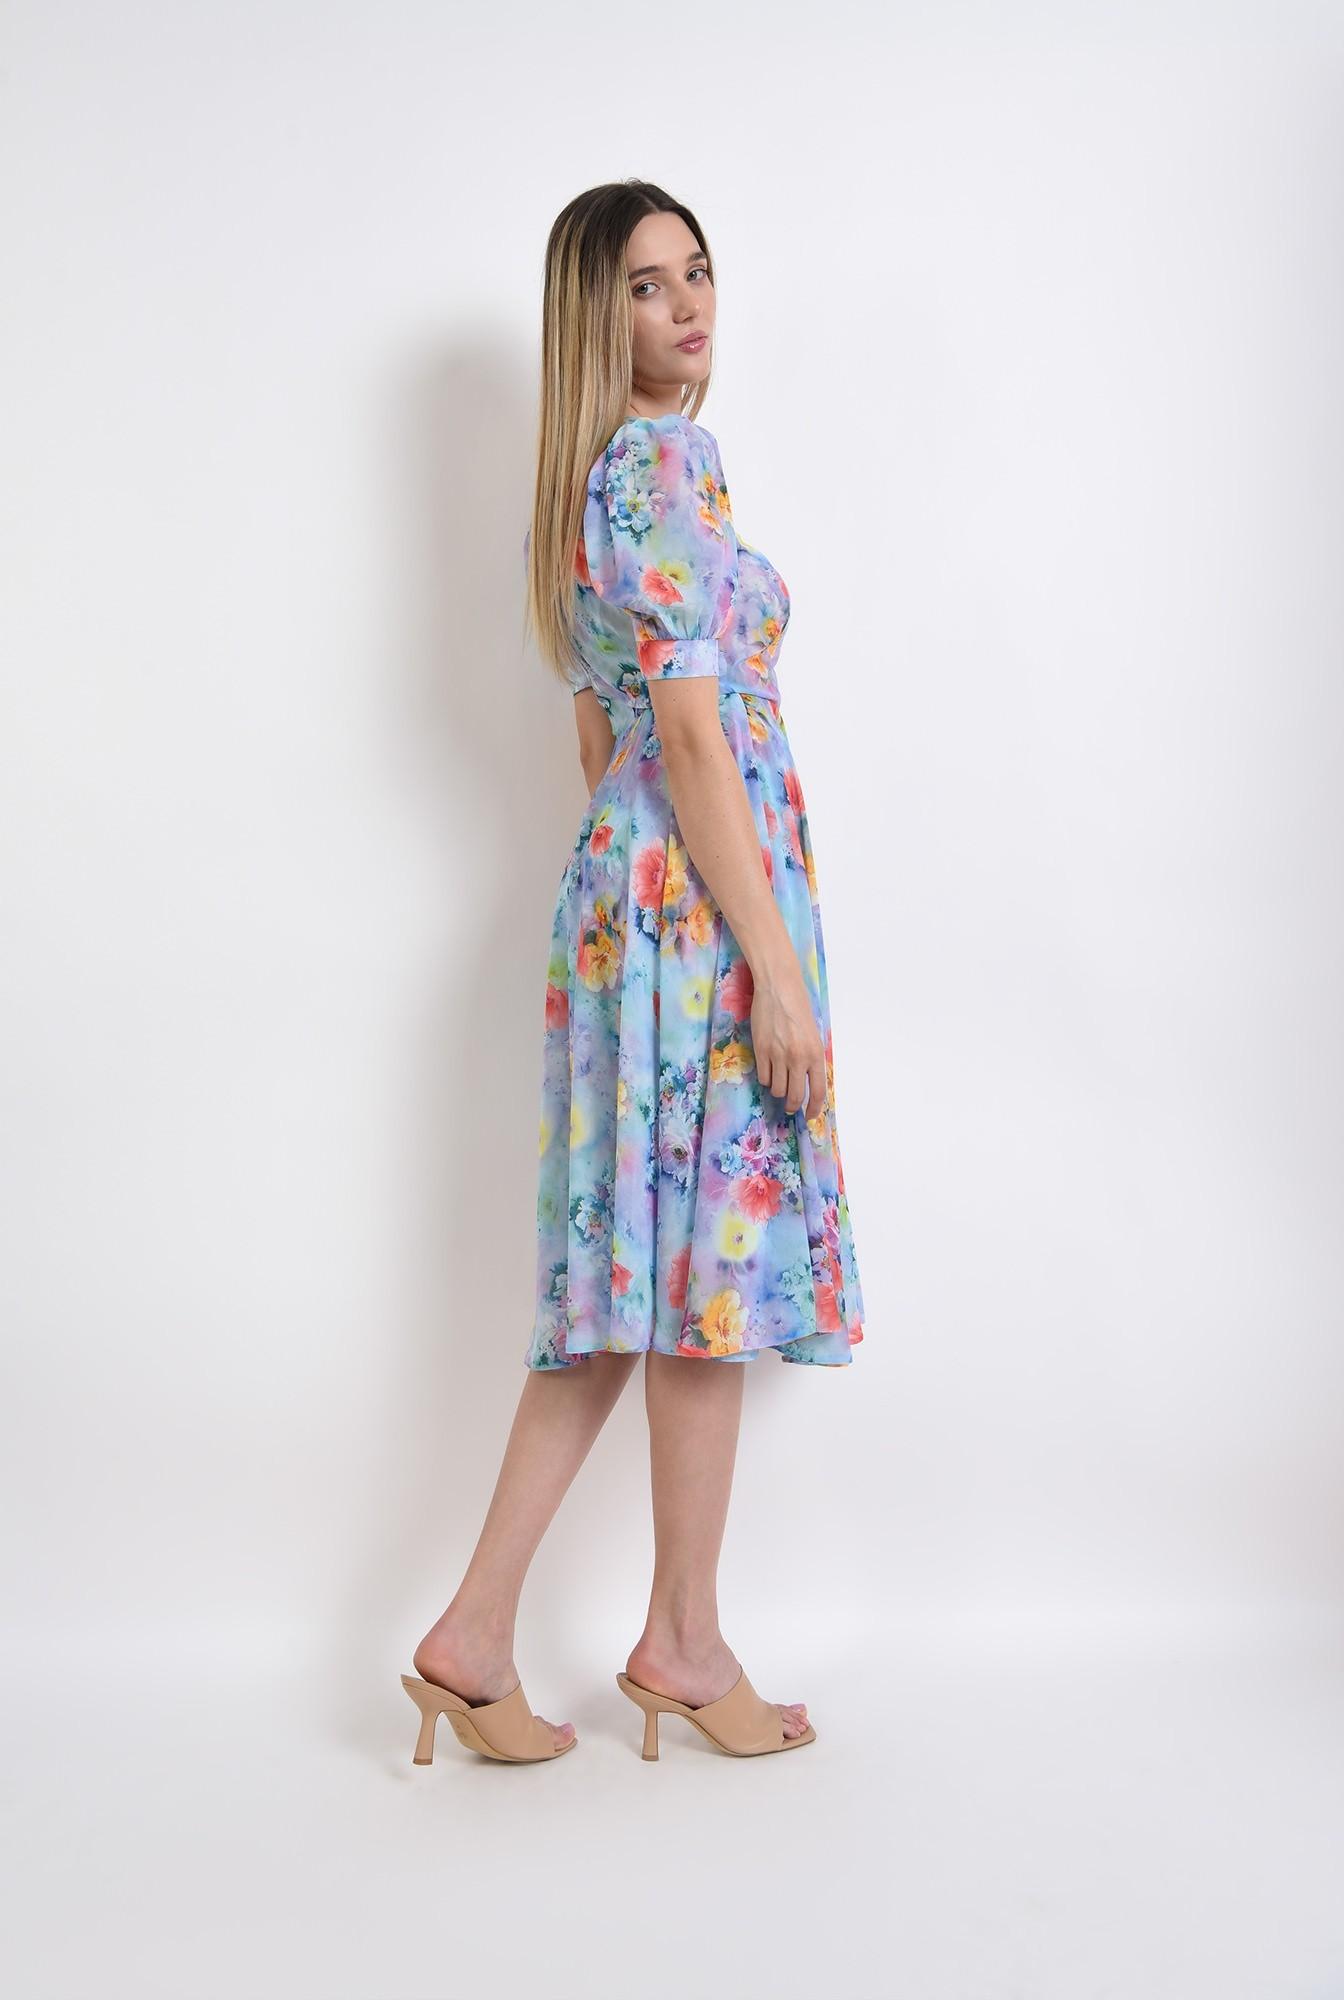 1 - rochie eleganta, cu motive florale, cu umeri accentuari